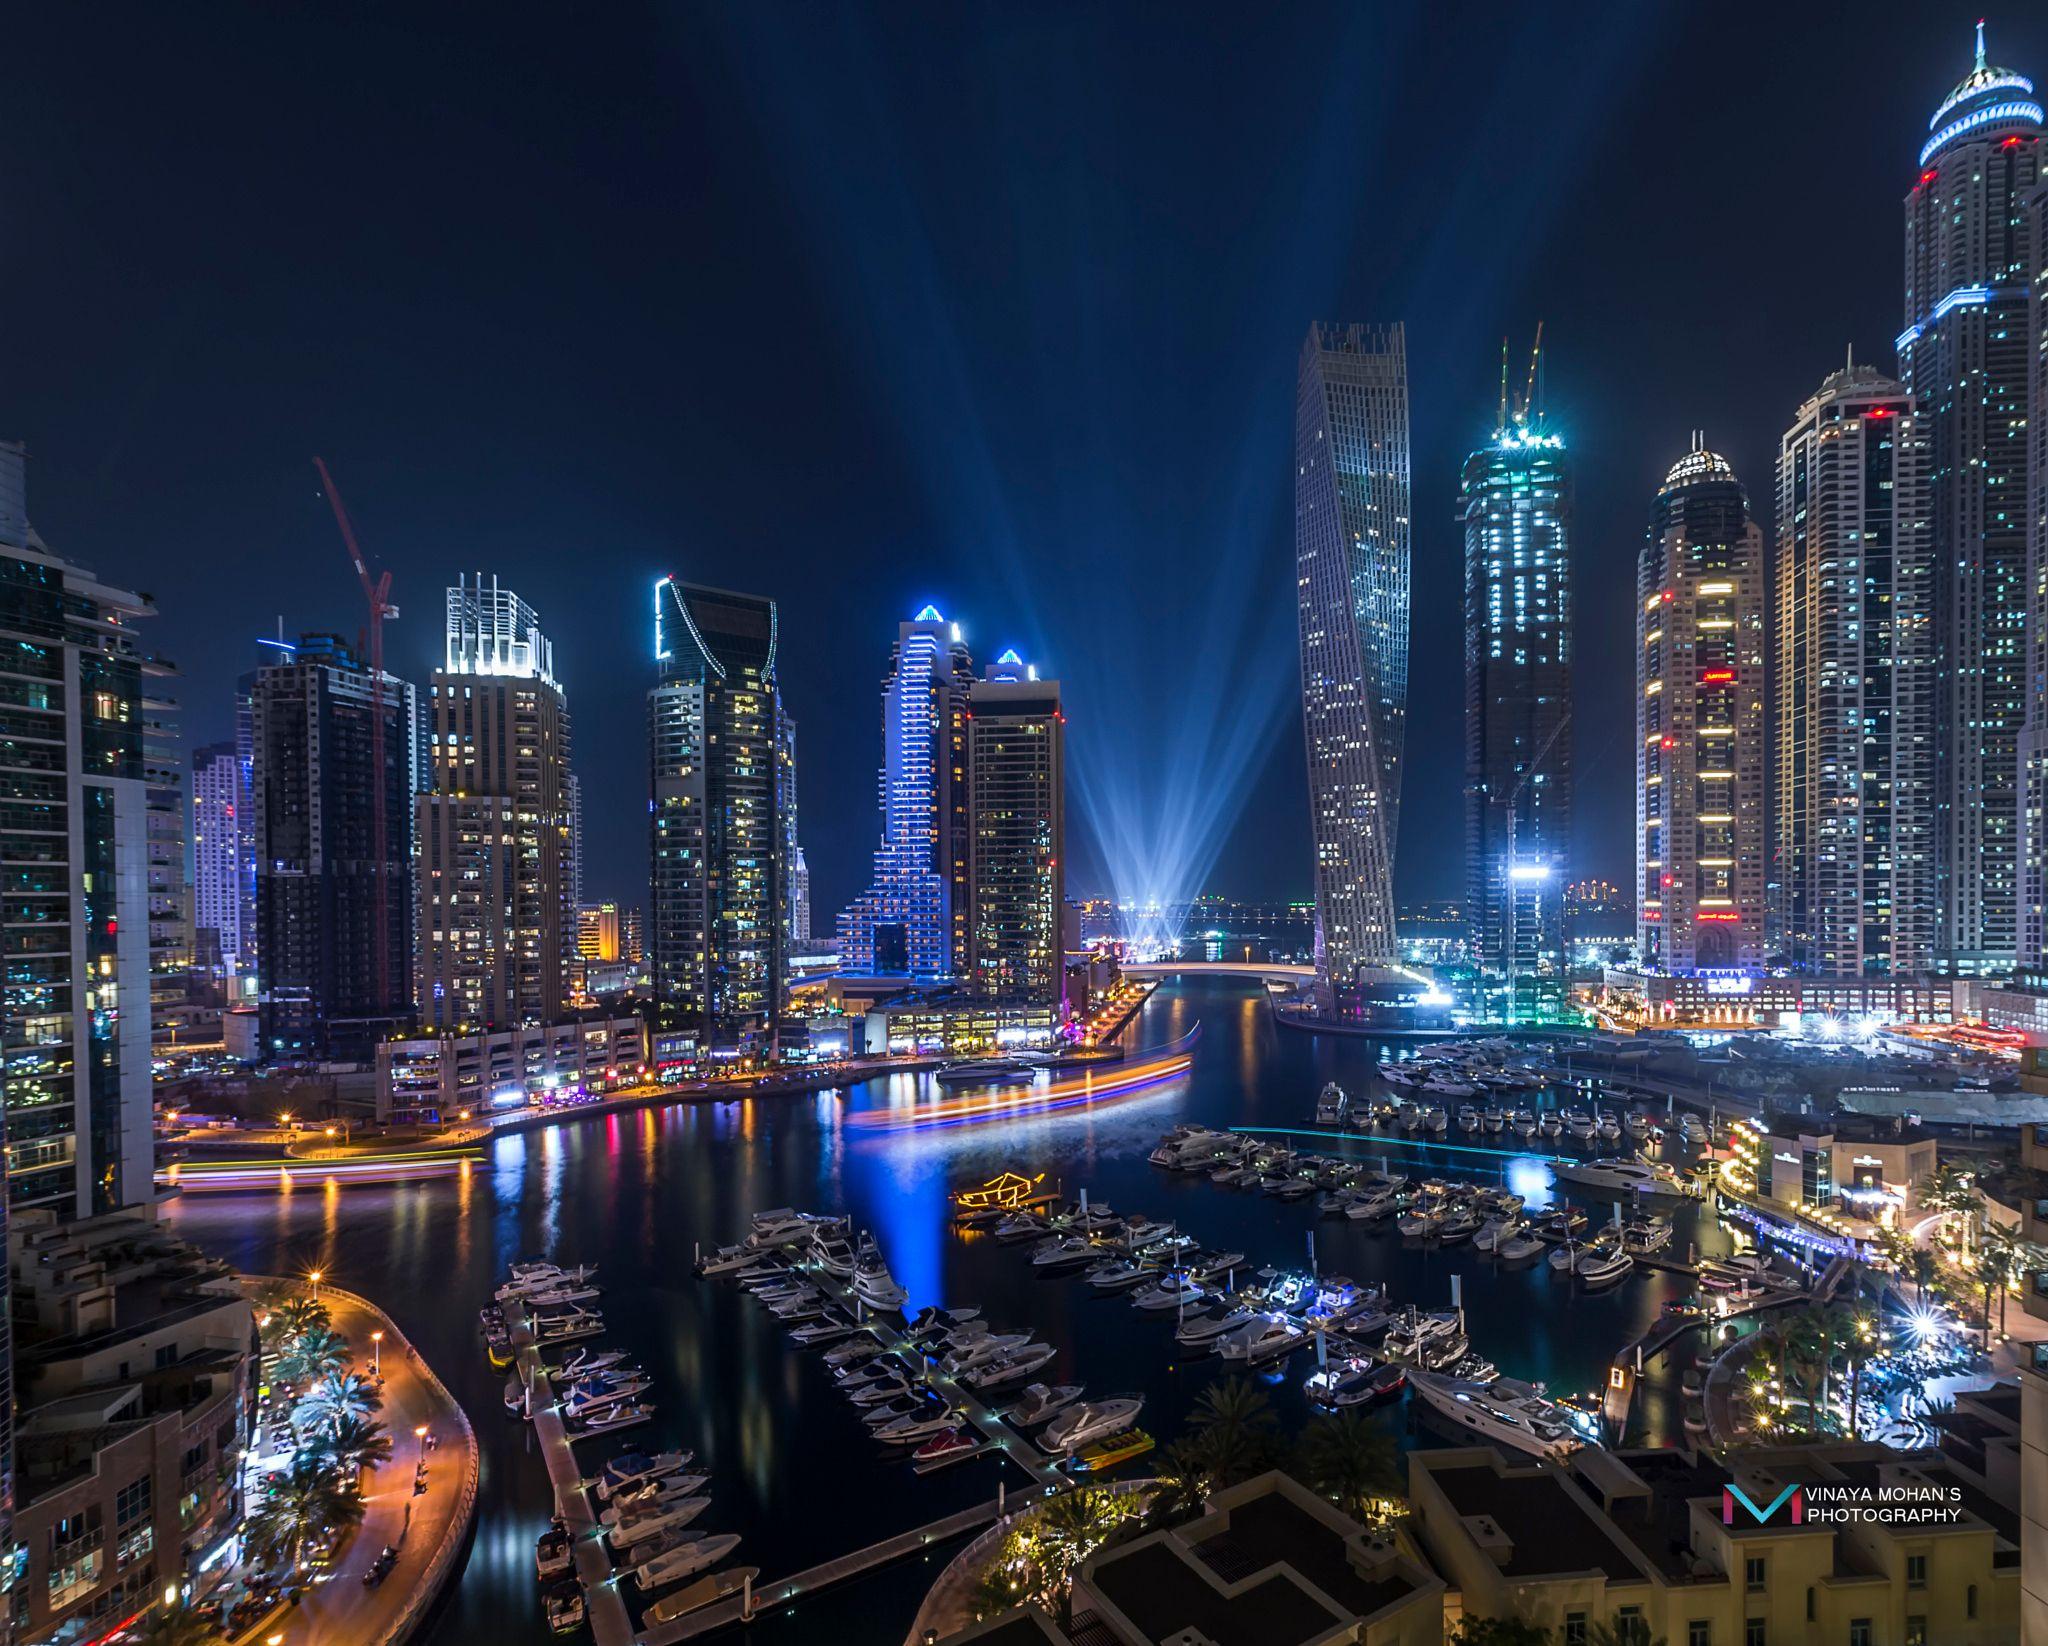 дубай оаэ фото города